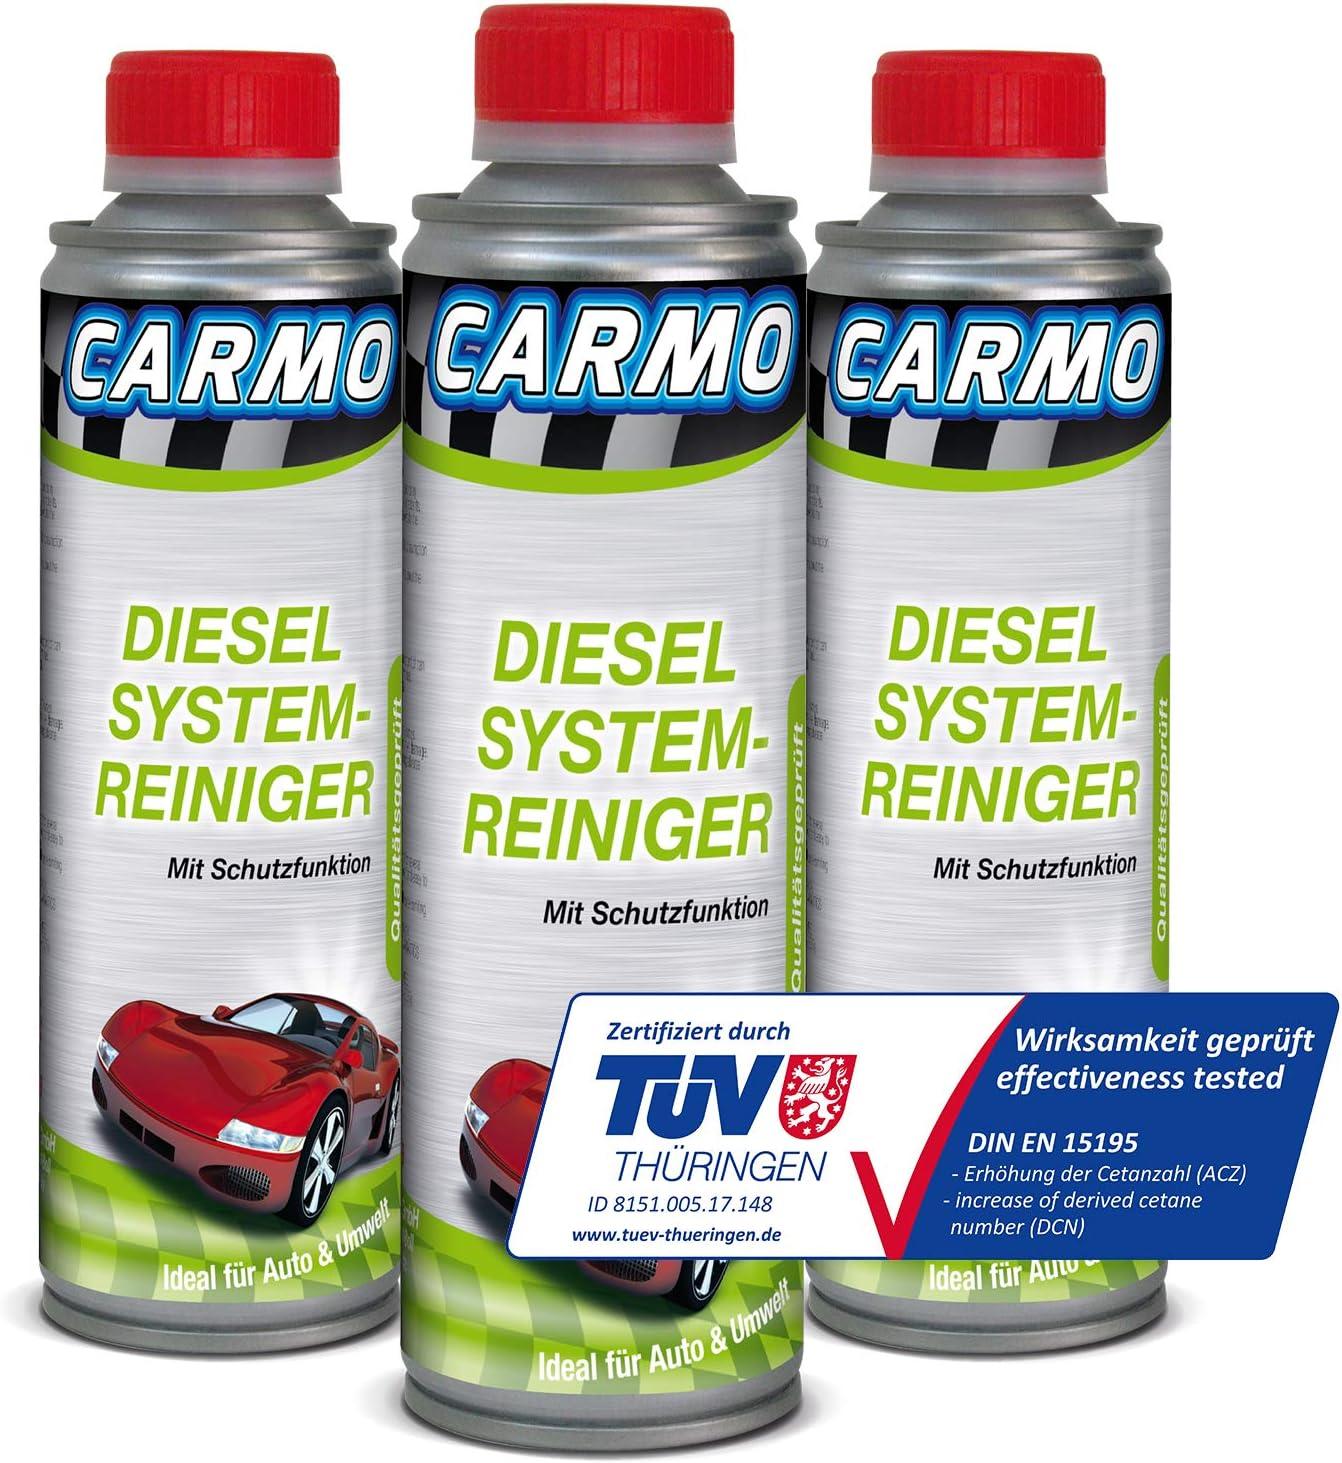 Carmo 3x Diesel System Reiniger Einspritzsystem Reiniger Injektor Reiniger Diesel Additiv Korrosionsschutz TÜv Geprüft 250 Ml Dose Auto